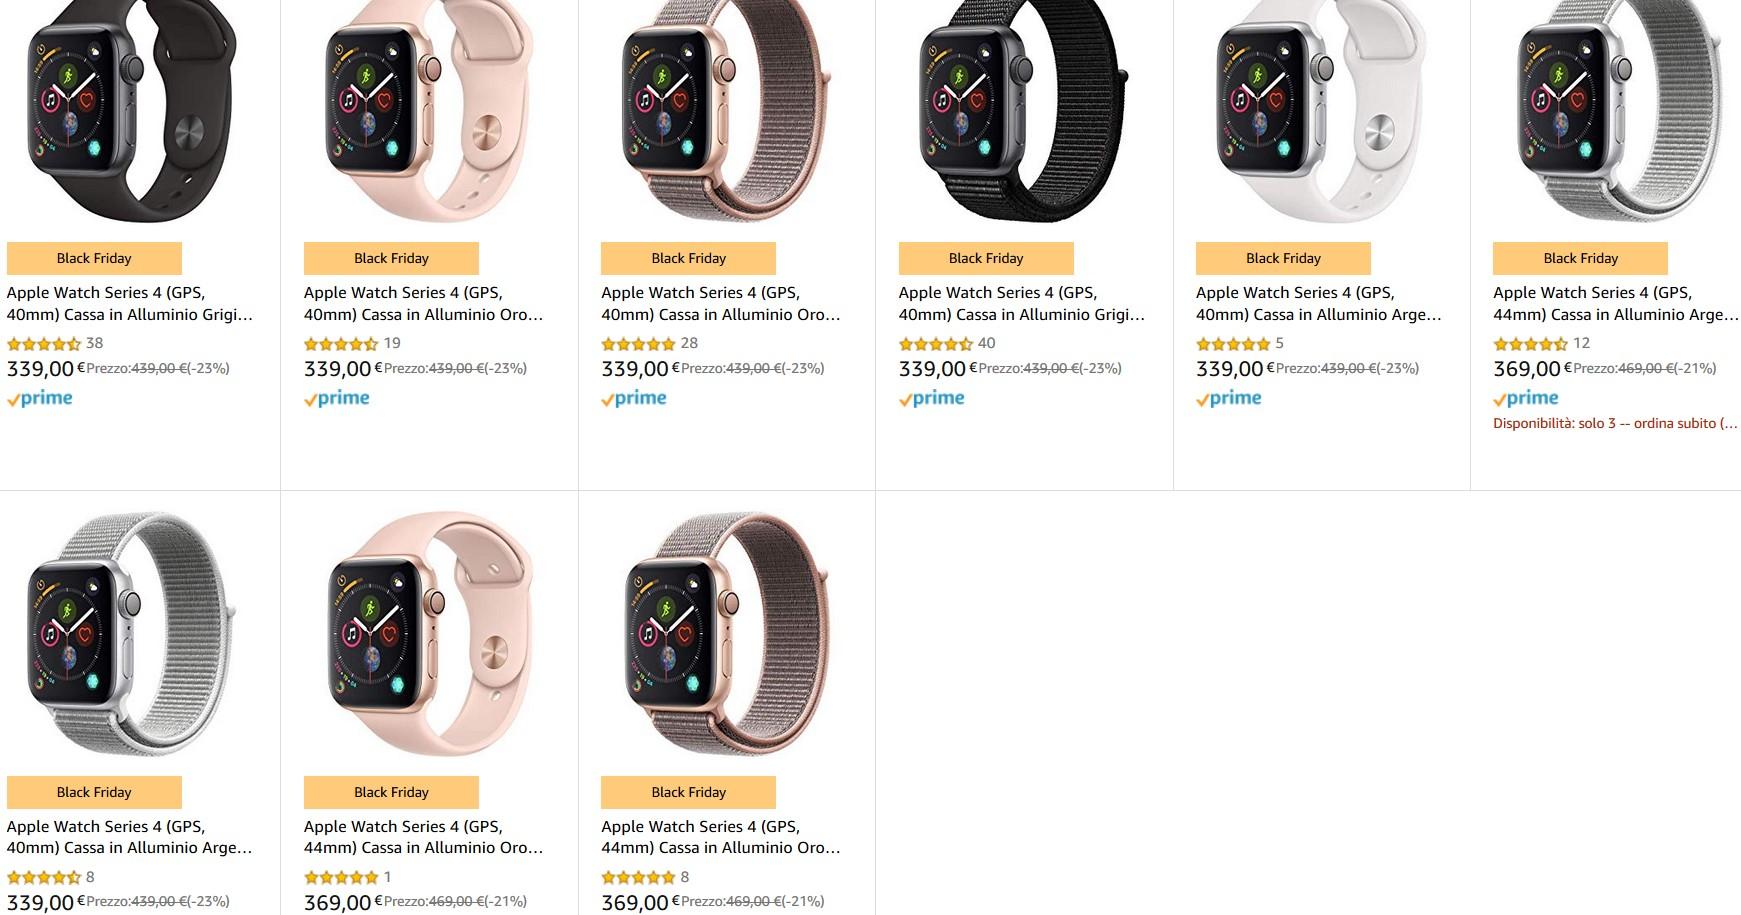 Apple Watch Series 4 (GPS, 40mm) z GPS różne, większość 346,55€ z wysyłką i VAT PL. Oferta wielu modeli w promocji Amazon.it